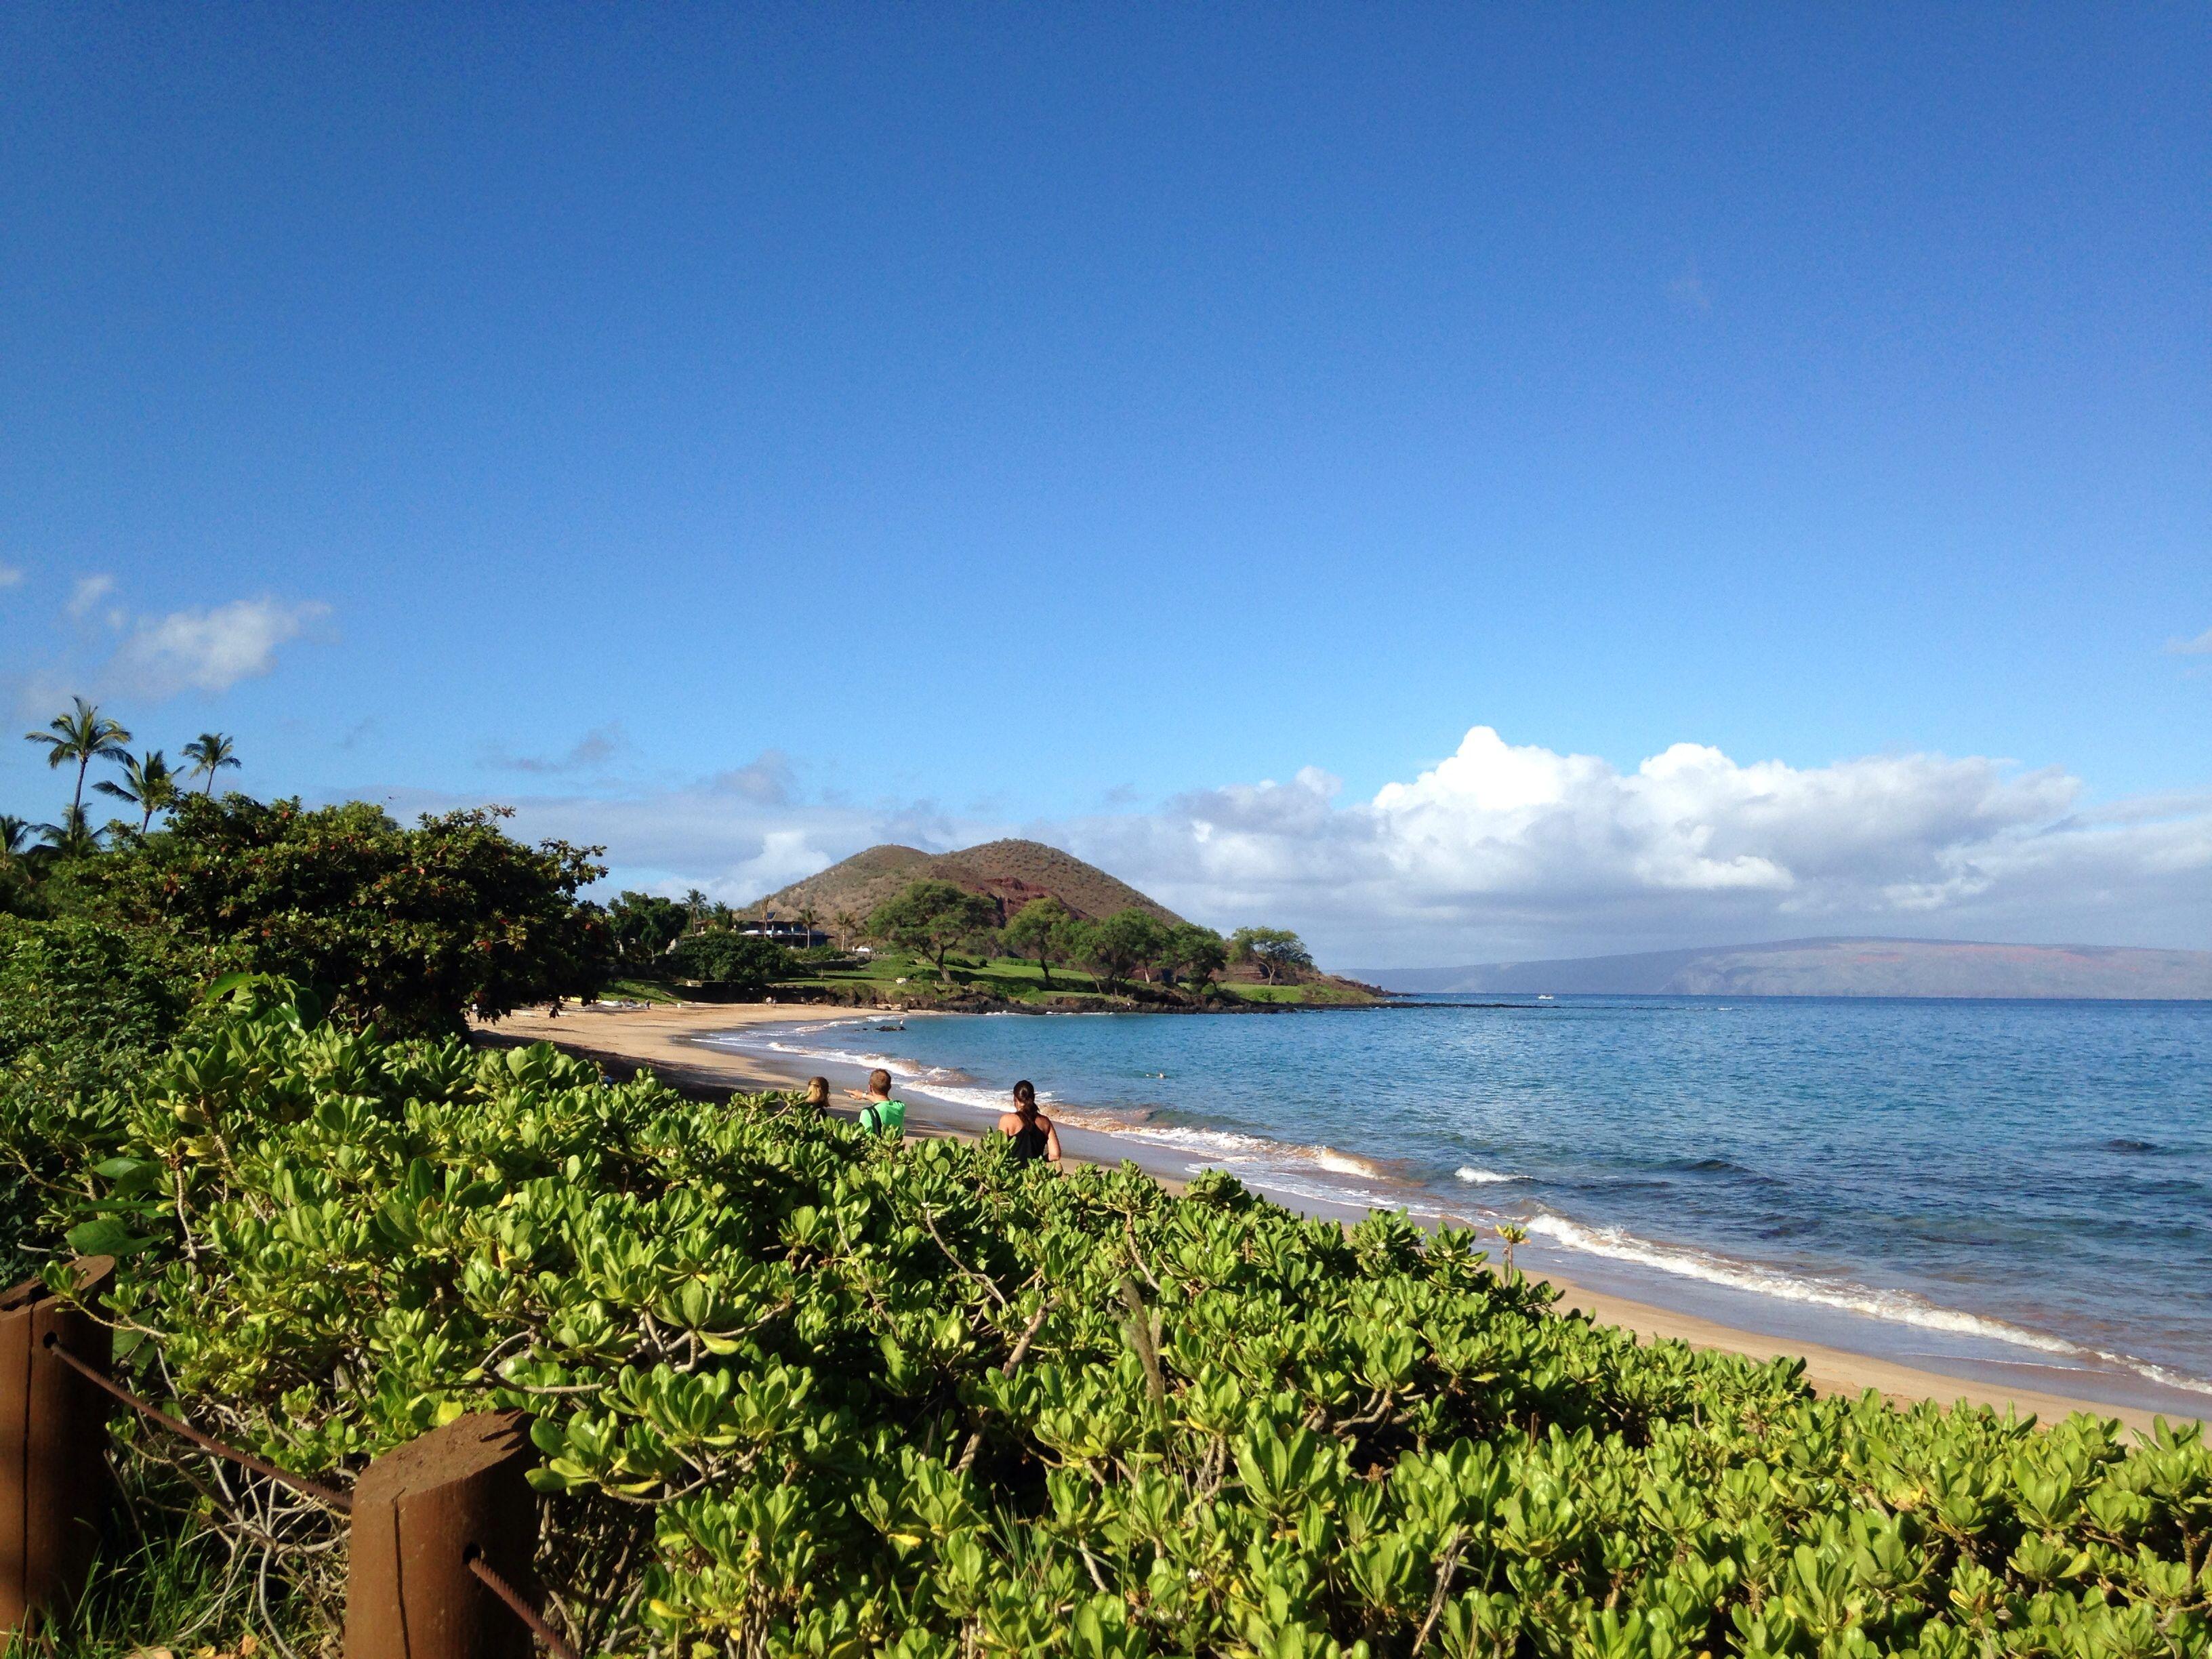 #maui #paradise